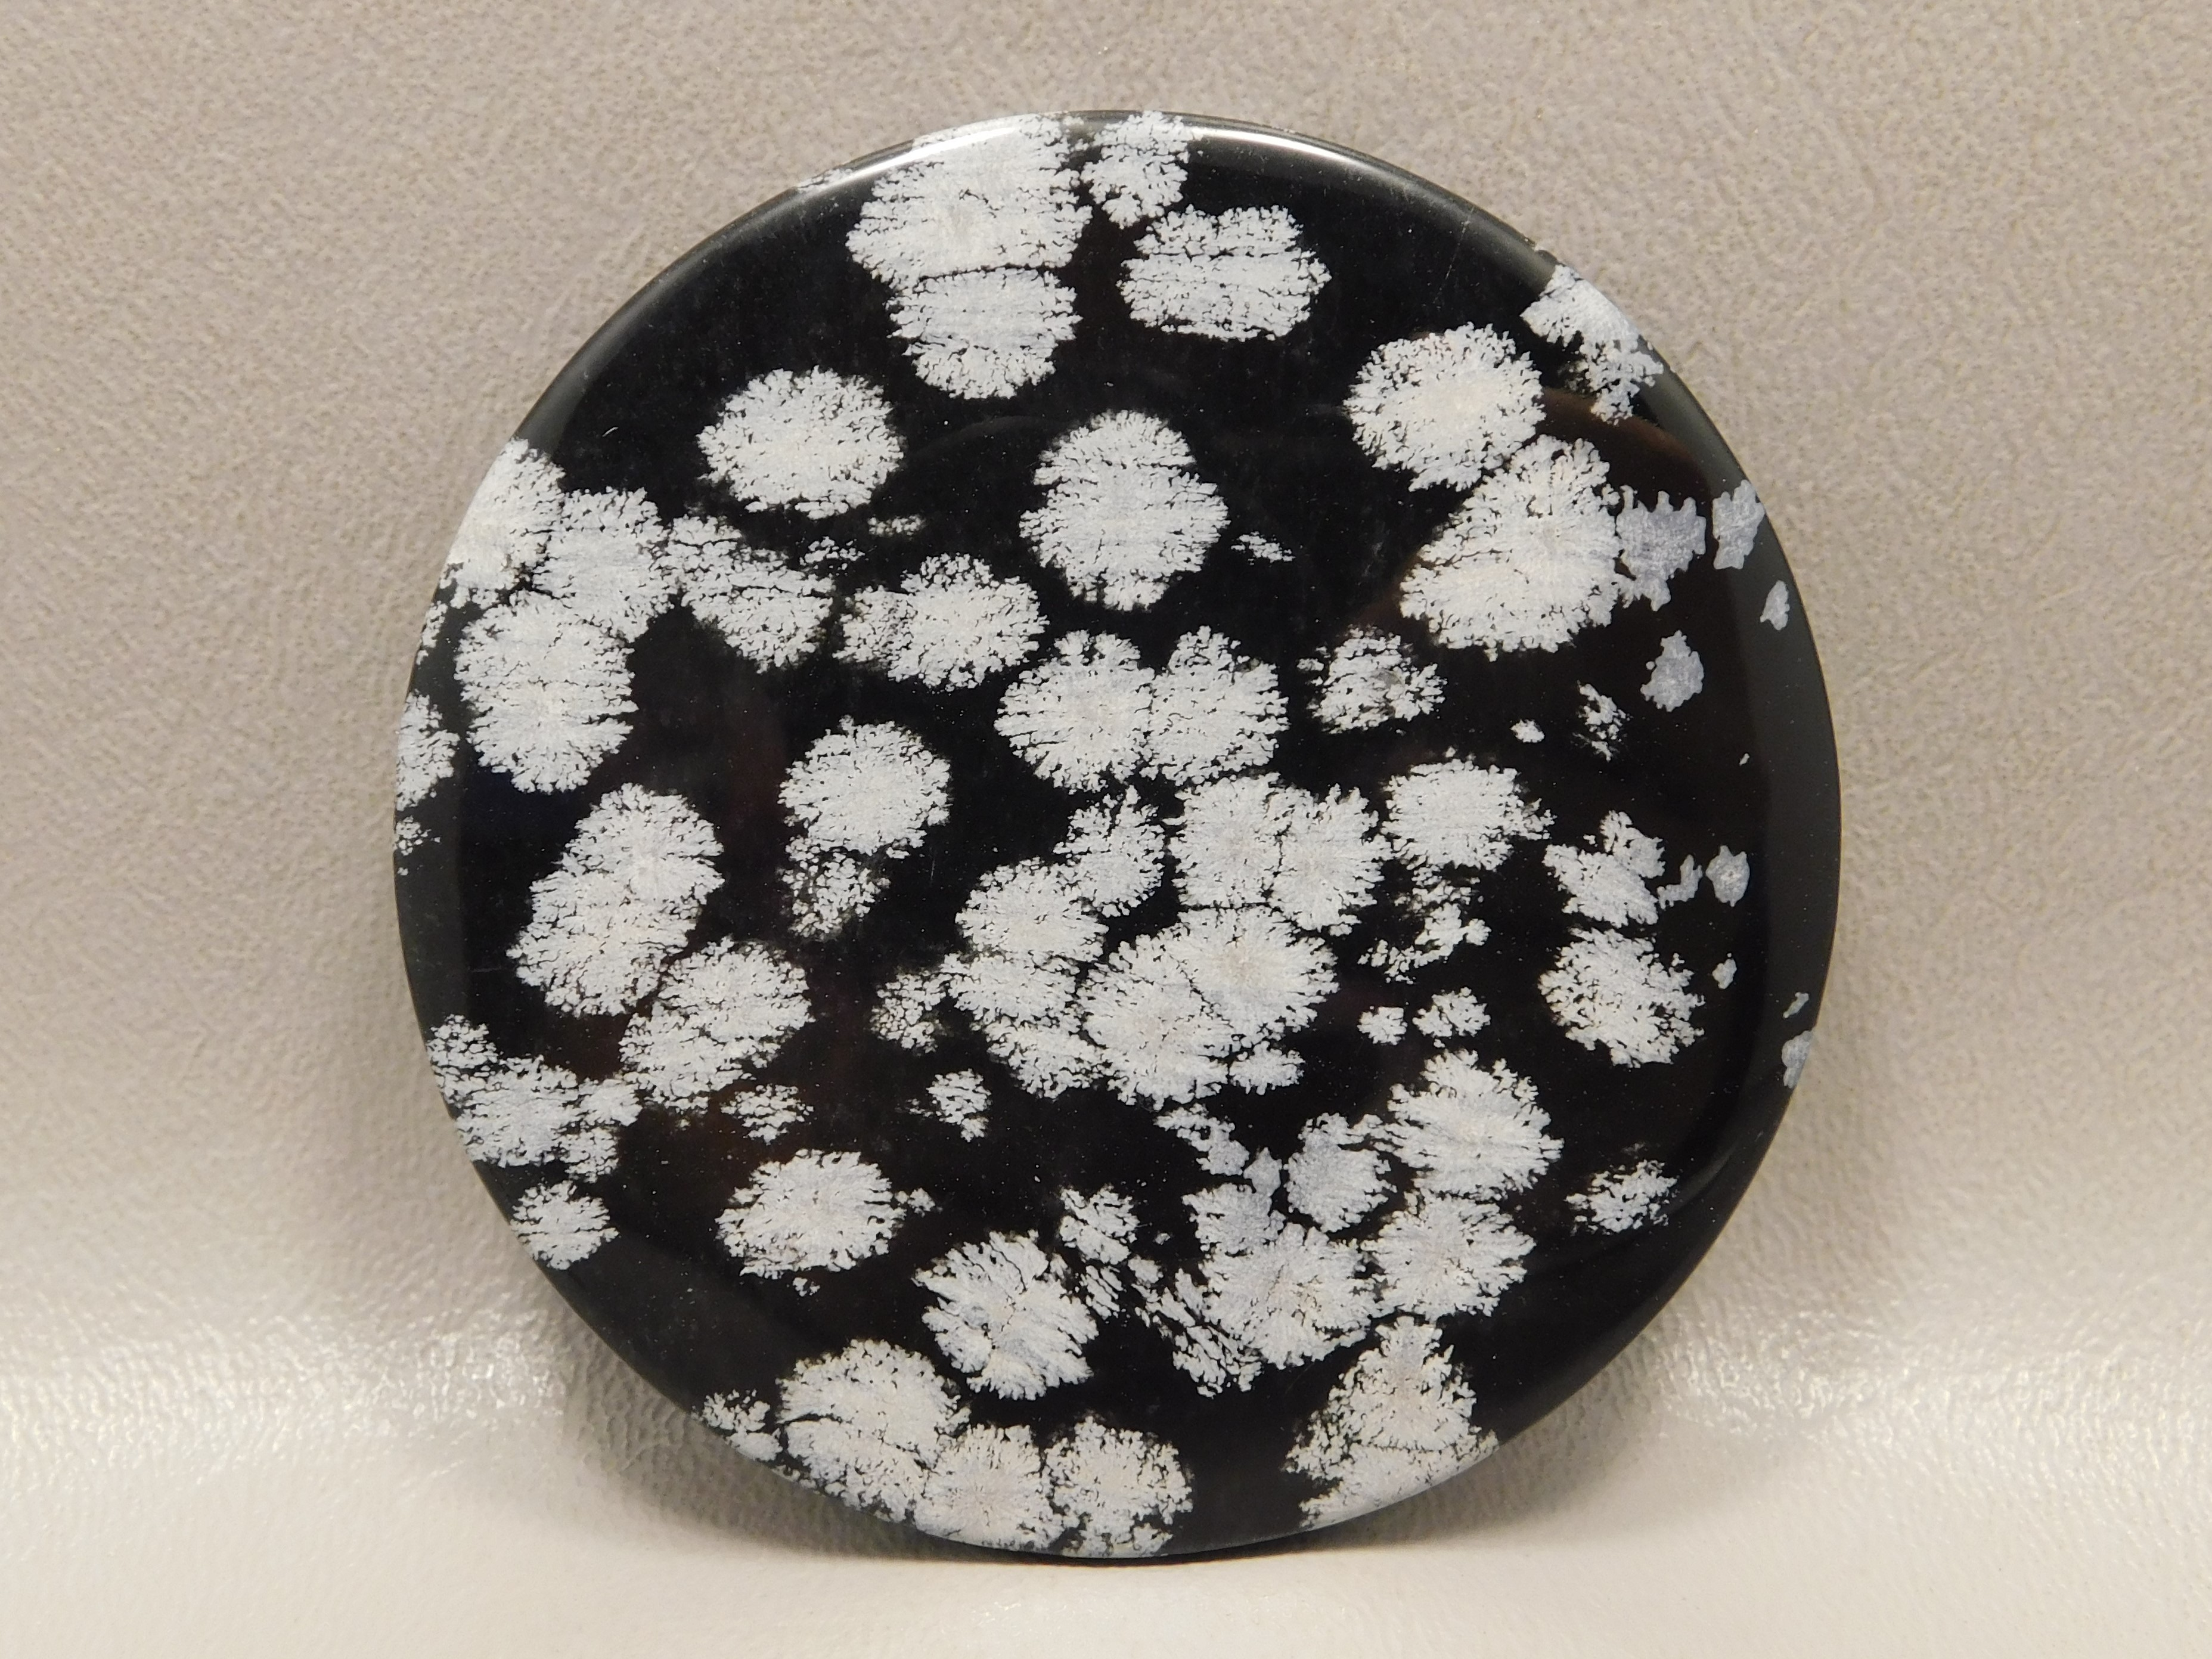 utah-rock-snowflake-obsidian